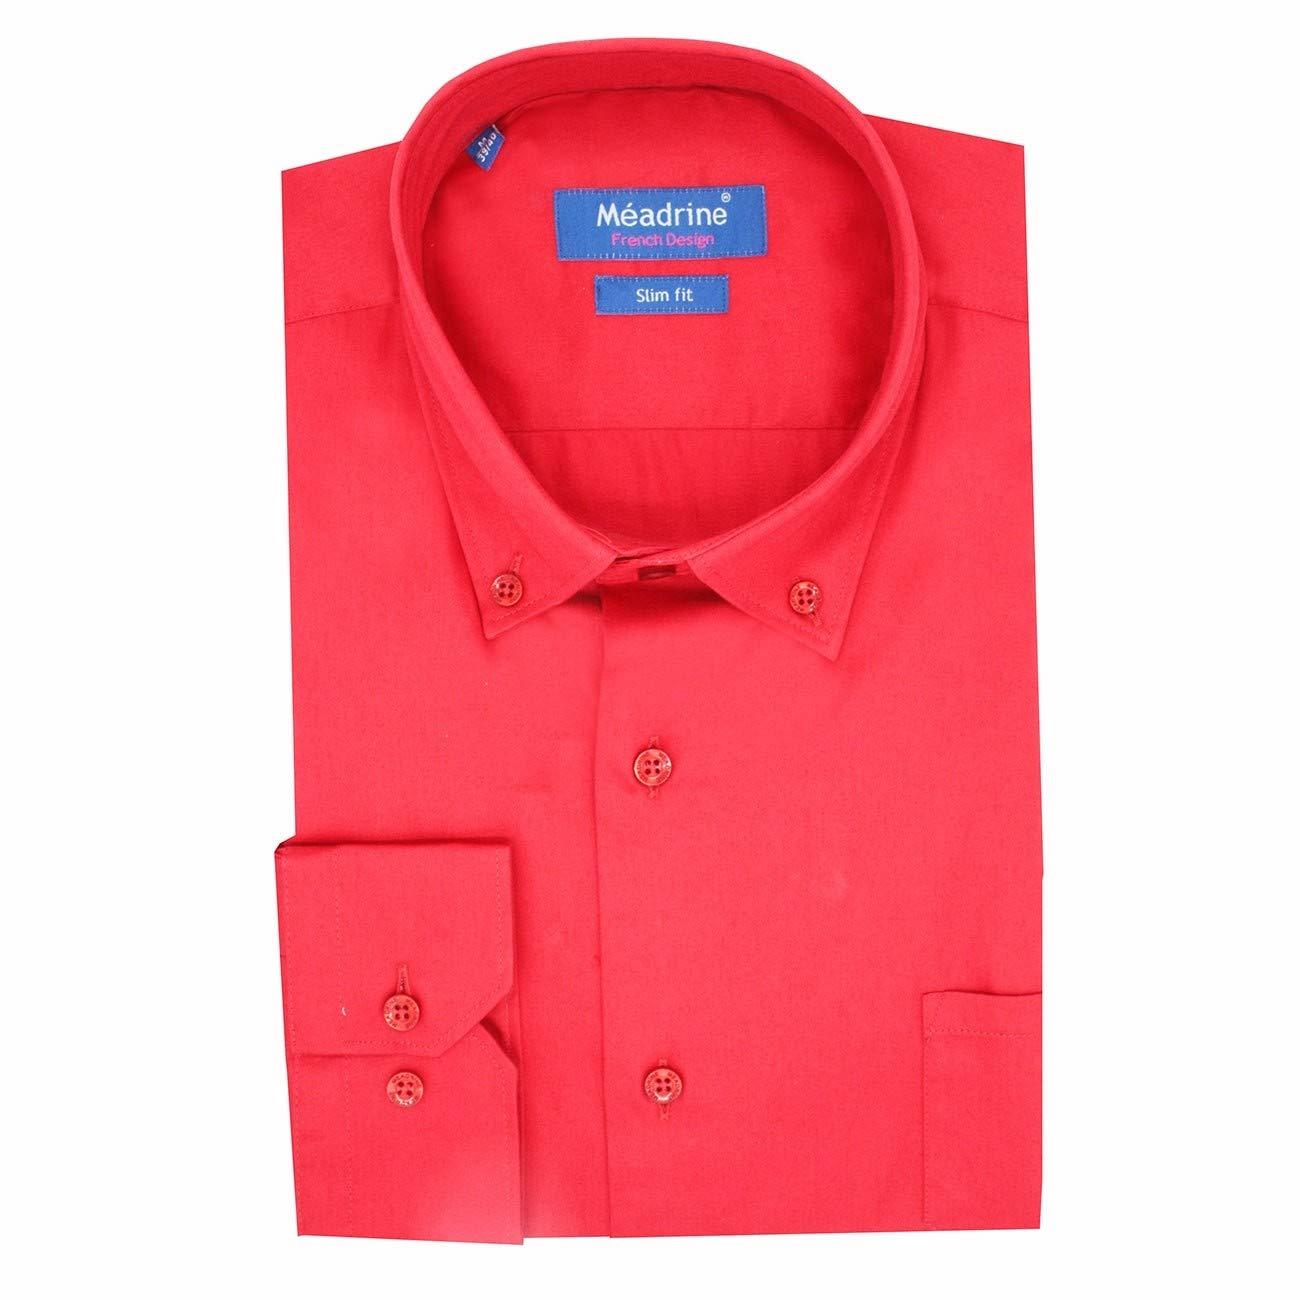 Meadrine Chemise Homme Slim-fit Couleur Rouge Vif Unie avec Mini Poche Decorative Cote Coeur